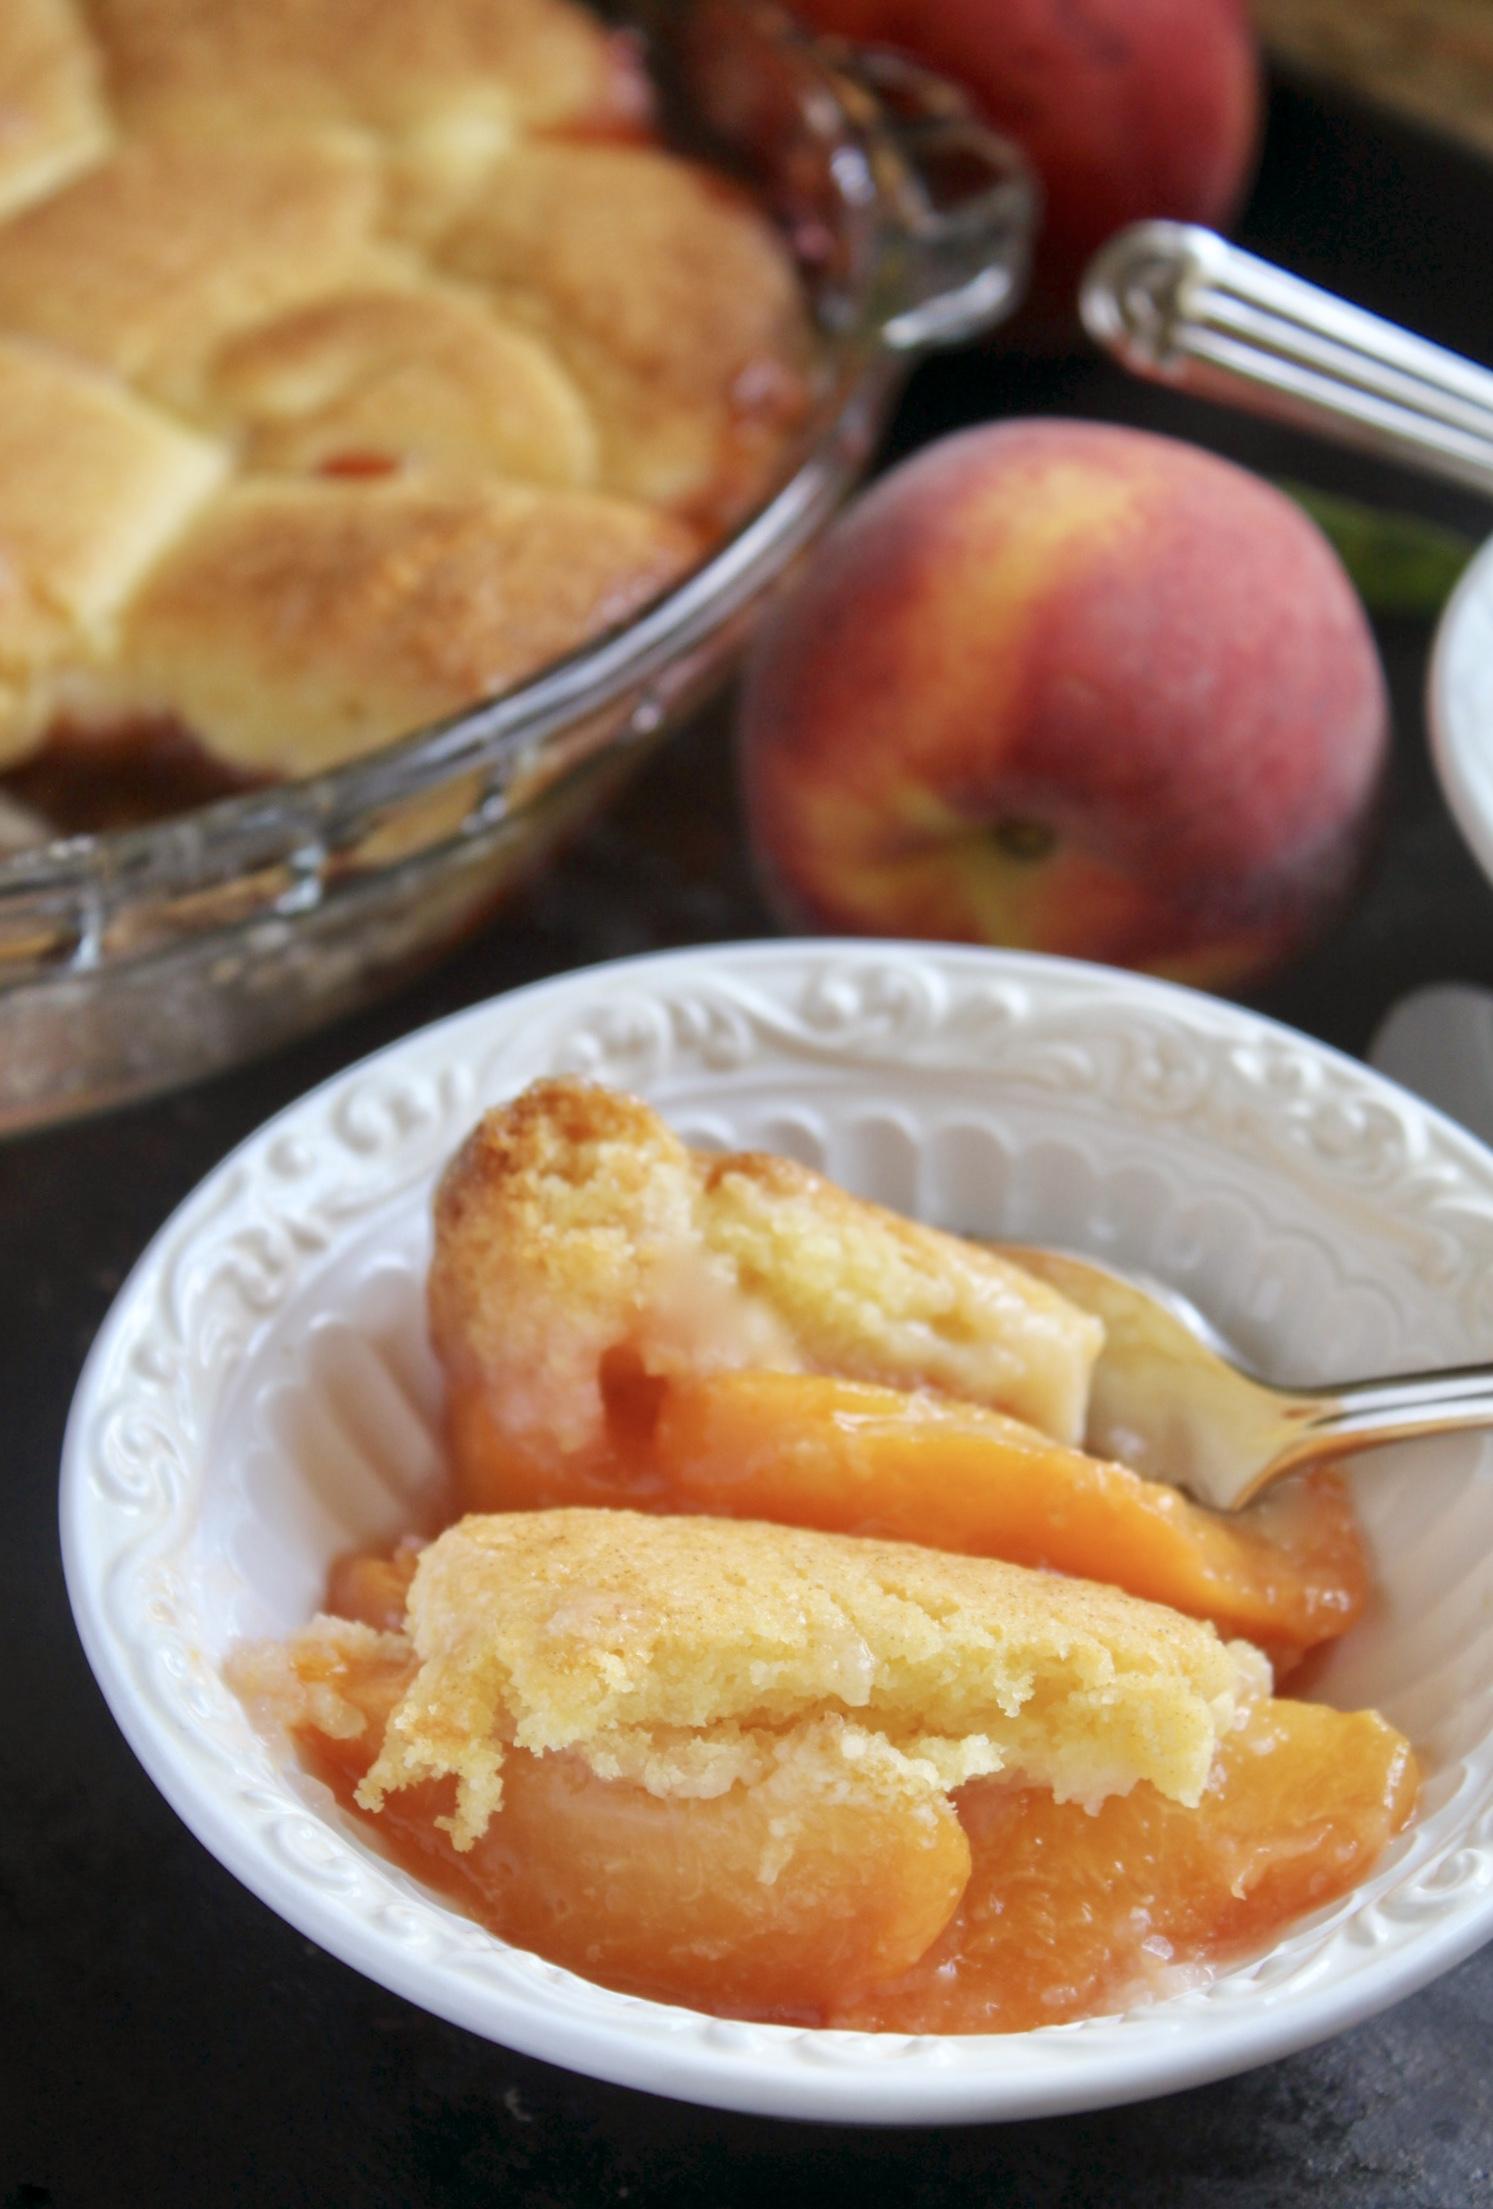 serving peach cobbler